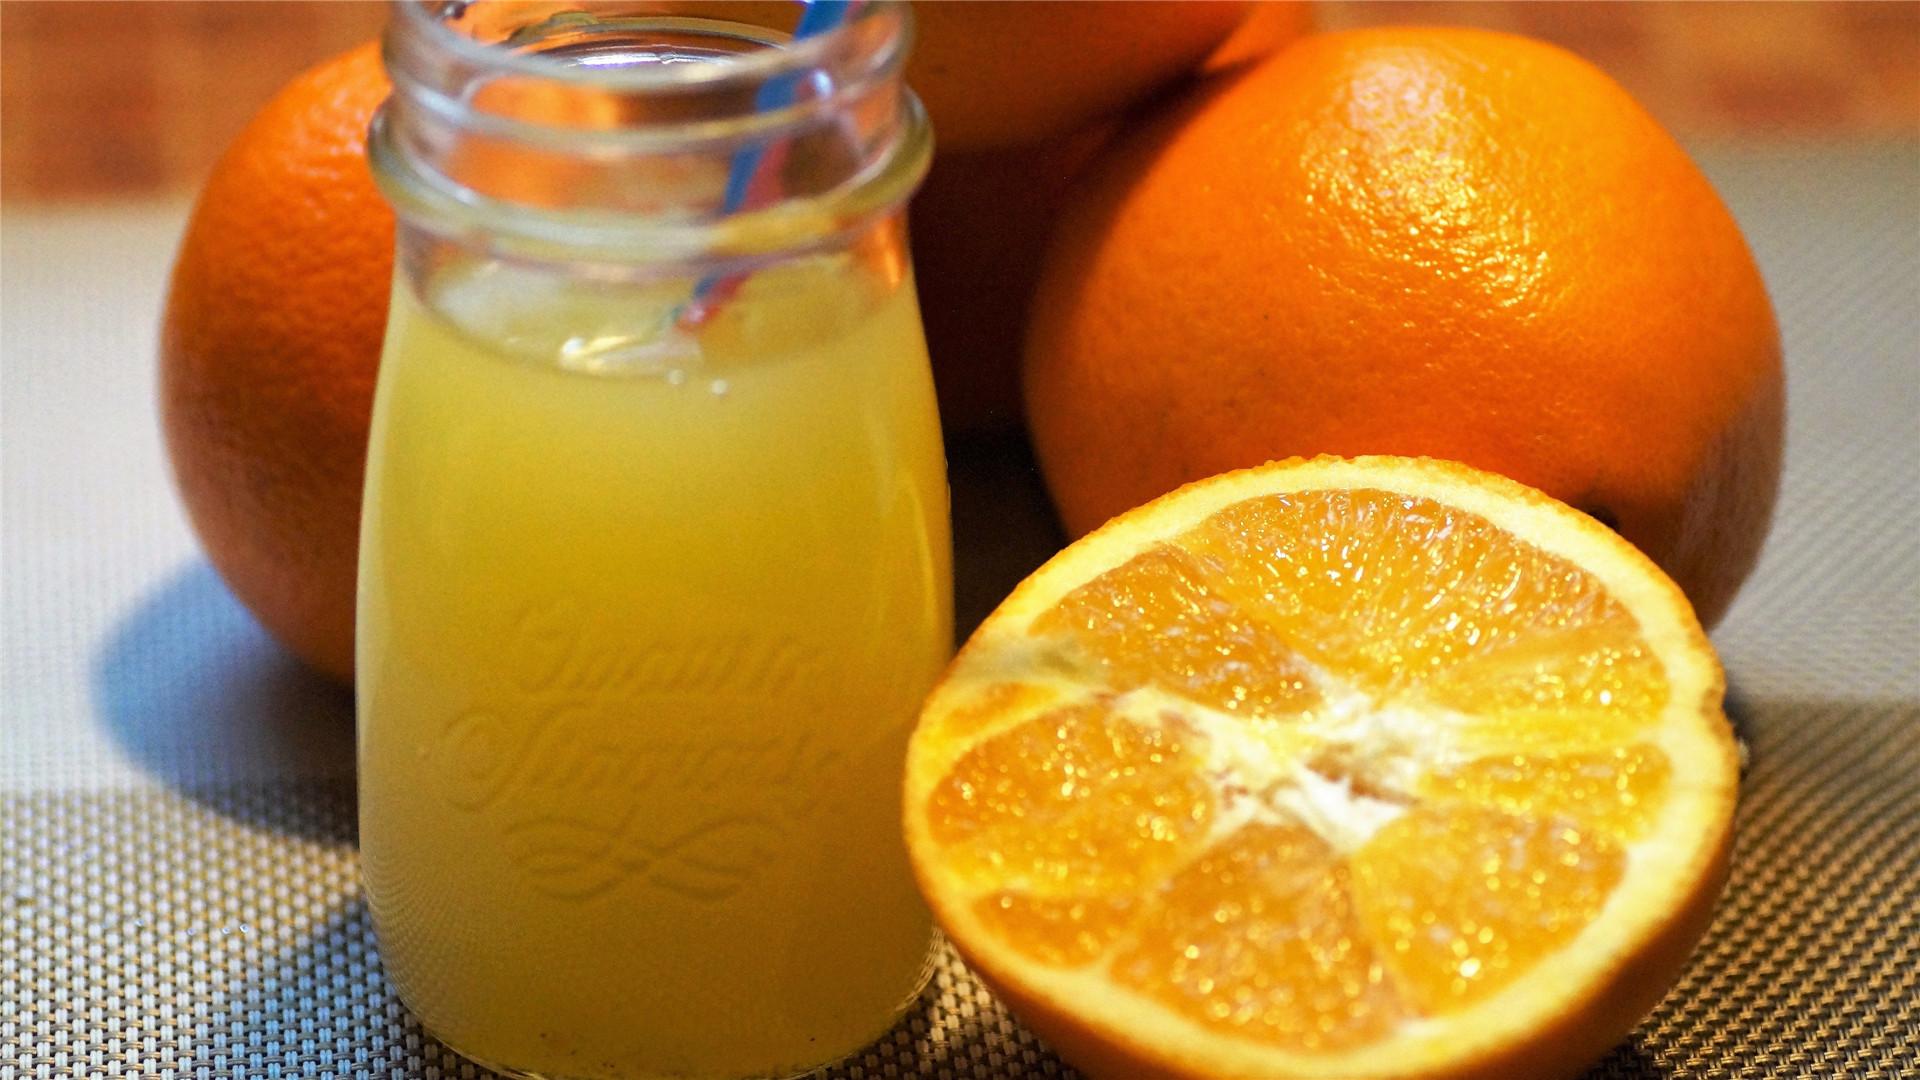 可口的橙汁饮料美食高清桌面壁纸